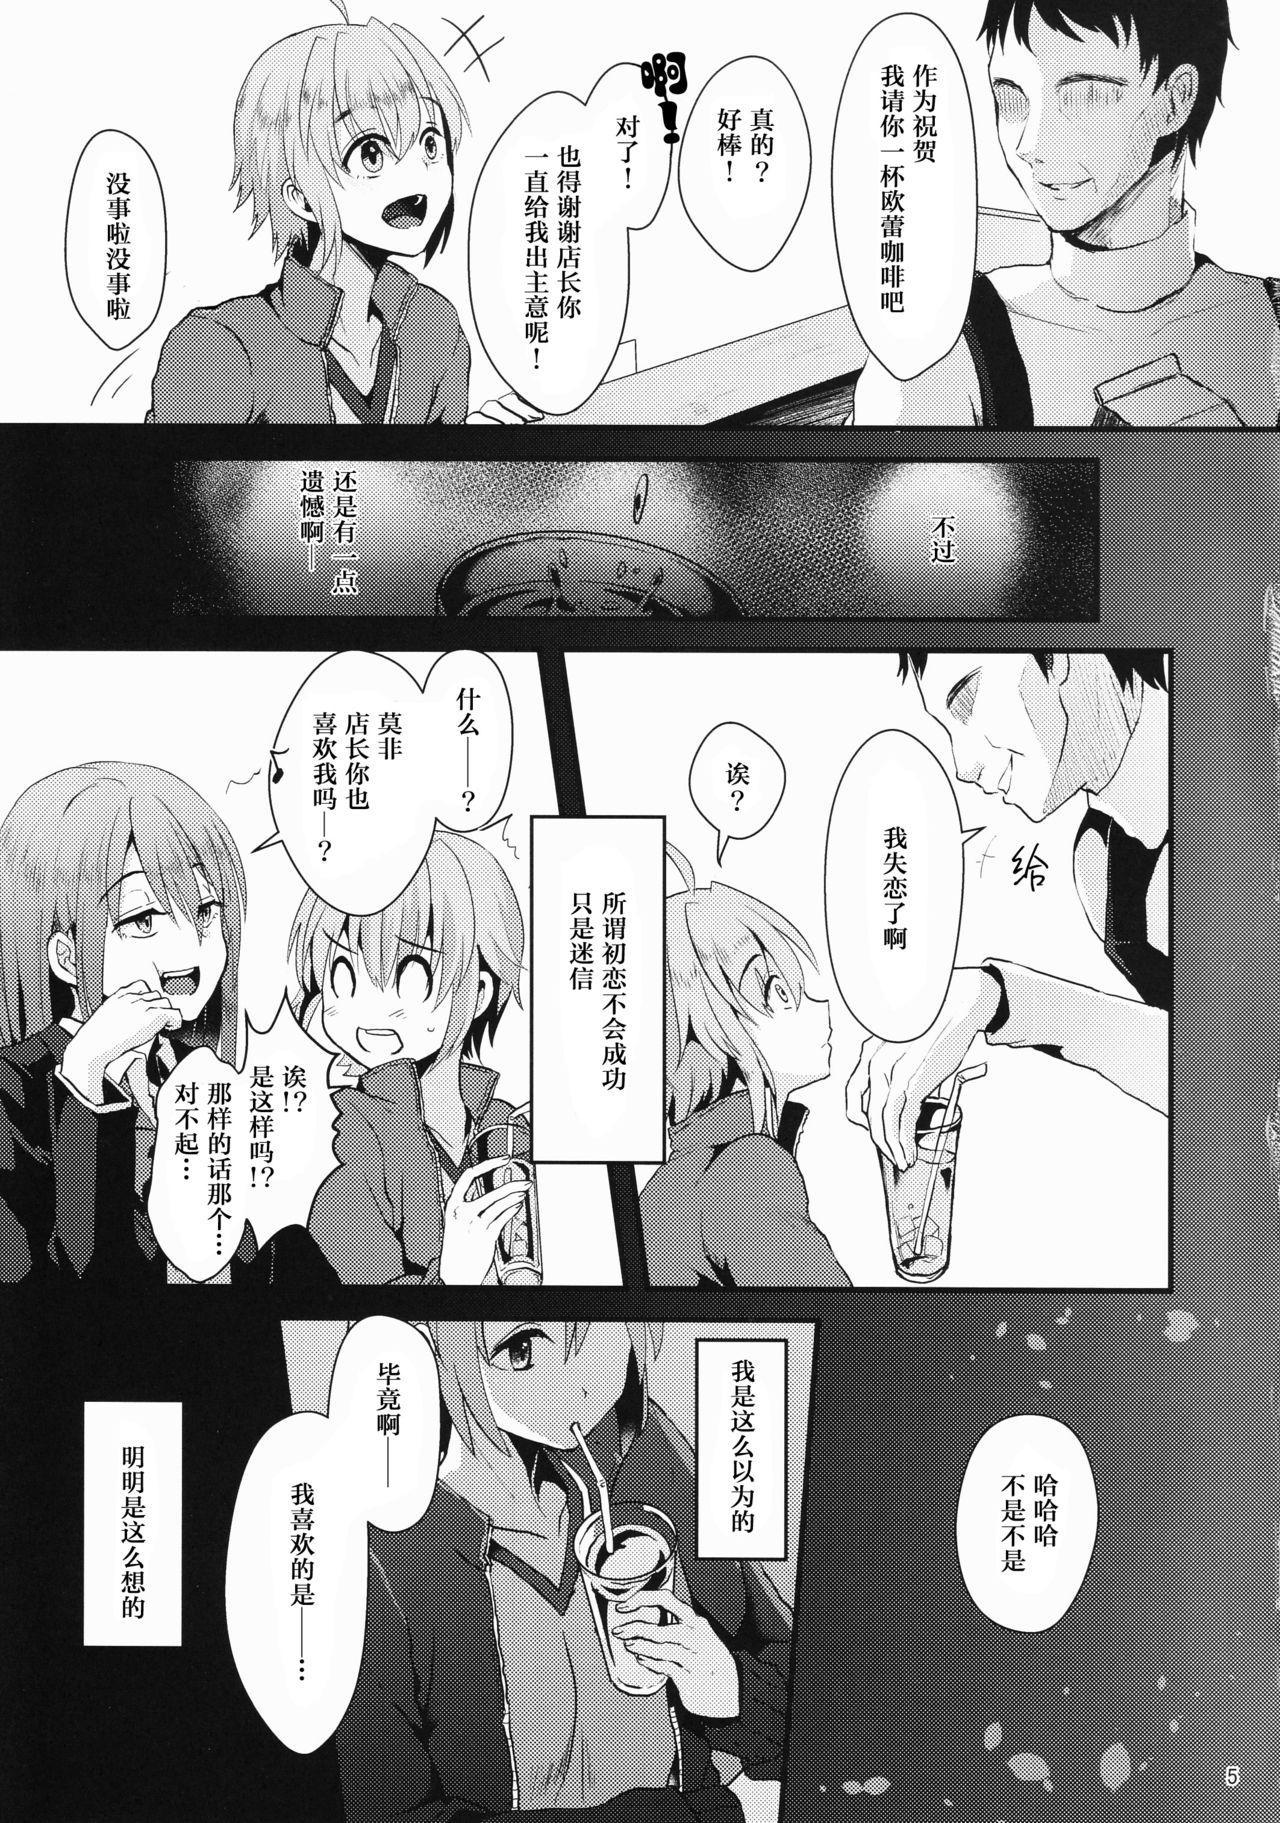 Kimi no Kareshi ni Naru Hazu datta. 1 3